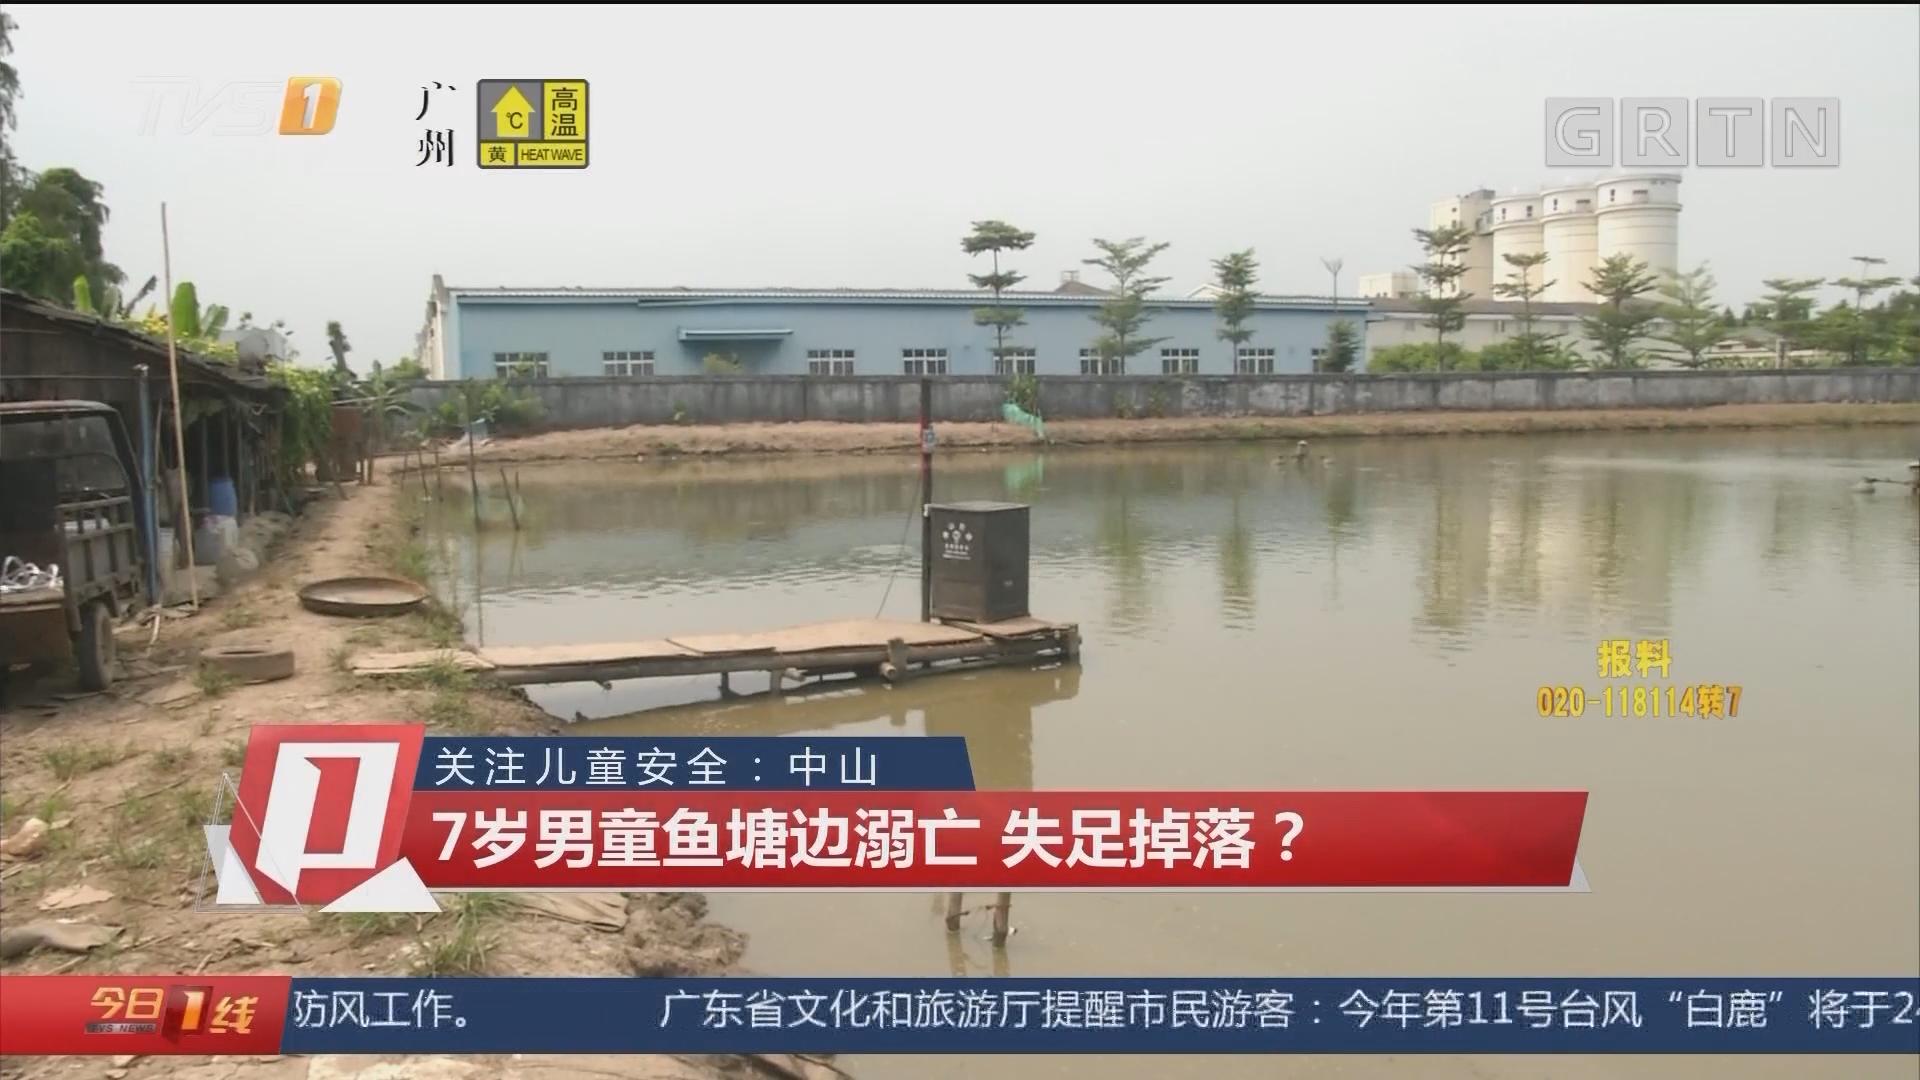 关注儿童安全:中山 7岁男童鱼塘边溺亡 失足掉落?